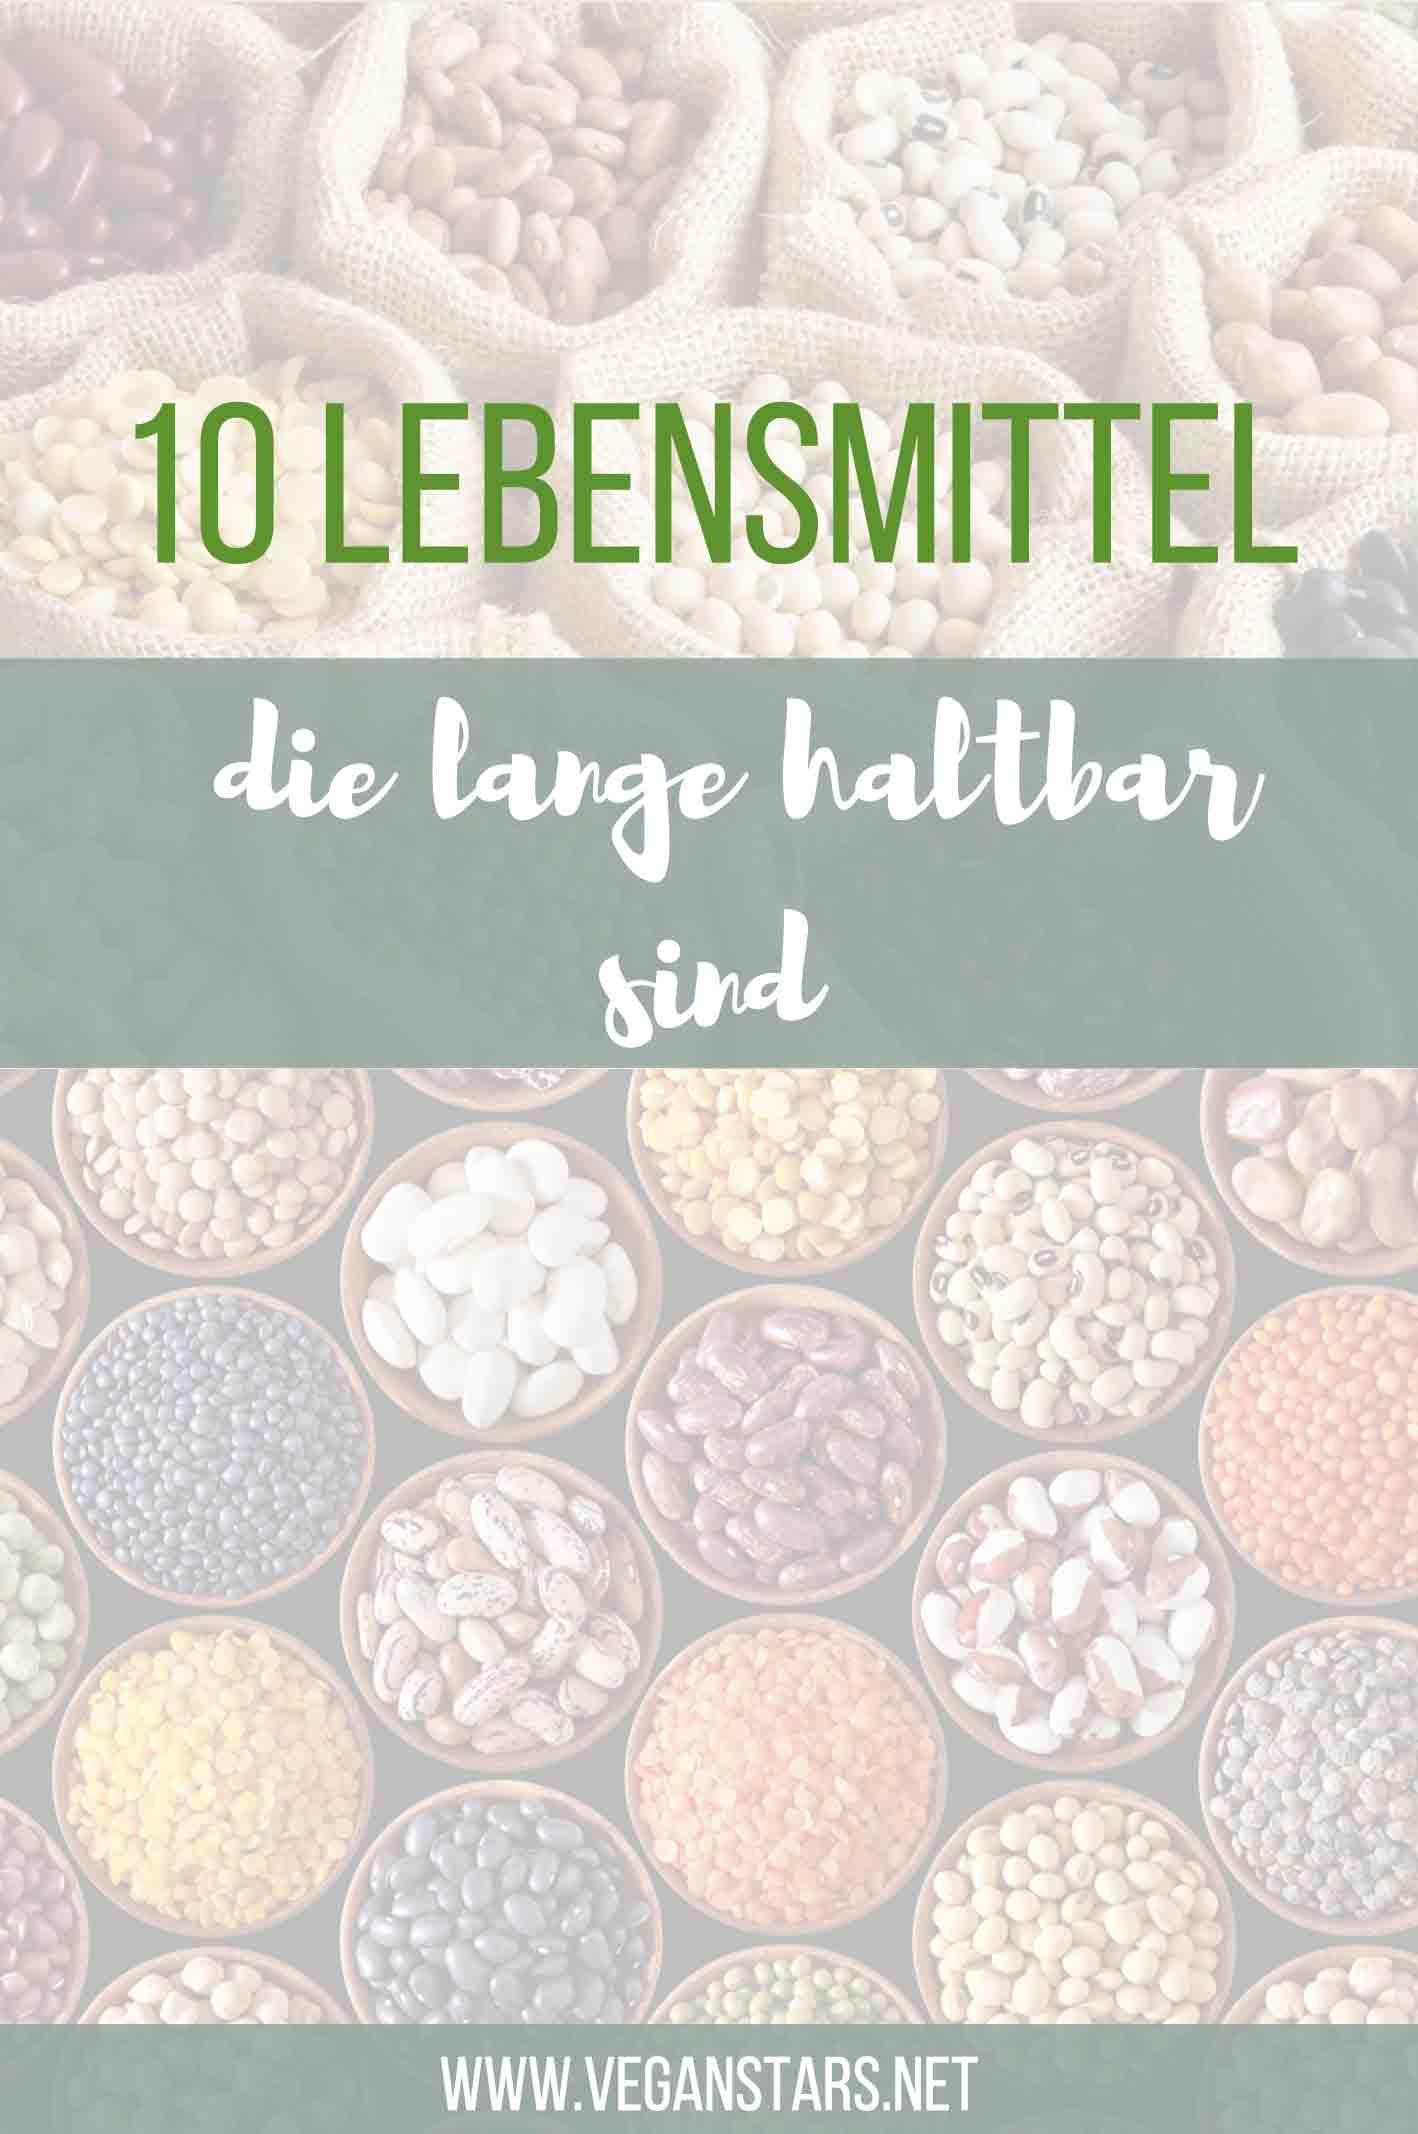 10 Lebensmittel, die lange haltbar sind